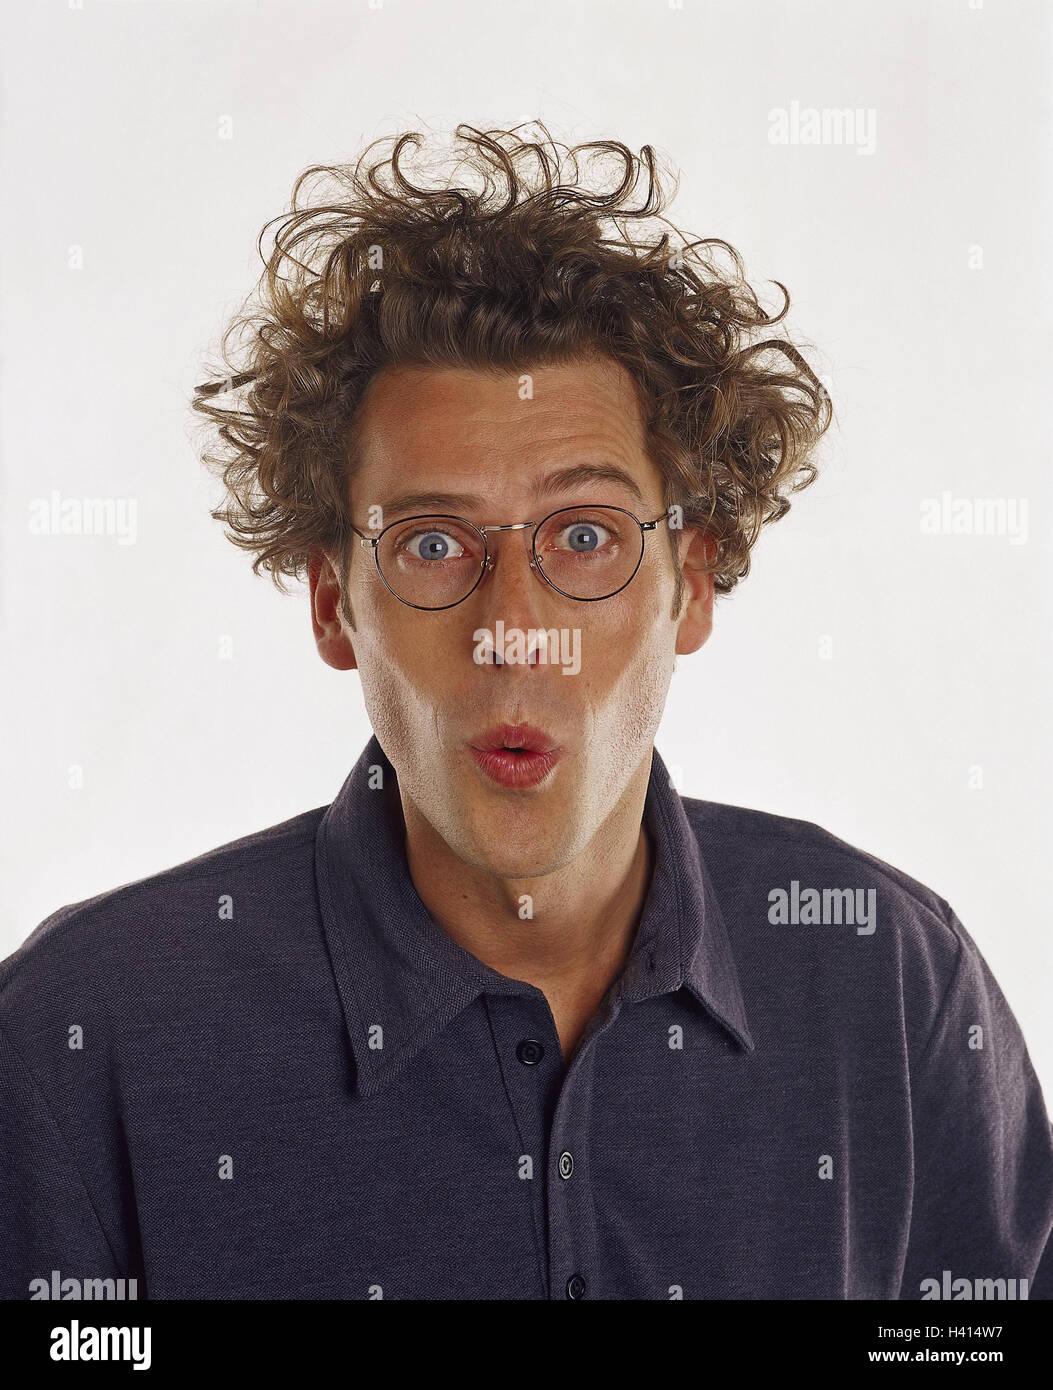 Mann Jung Brille Locken Mimik Ist überrascht